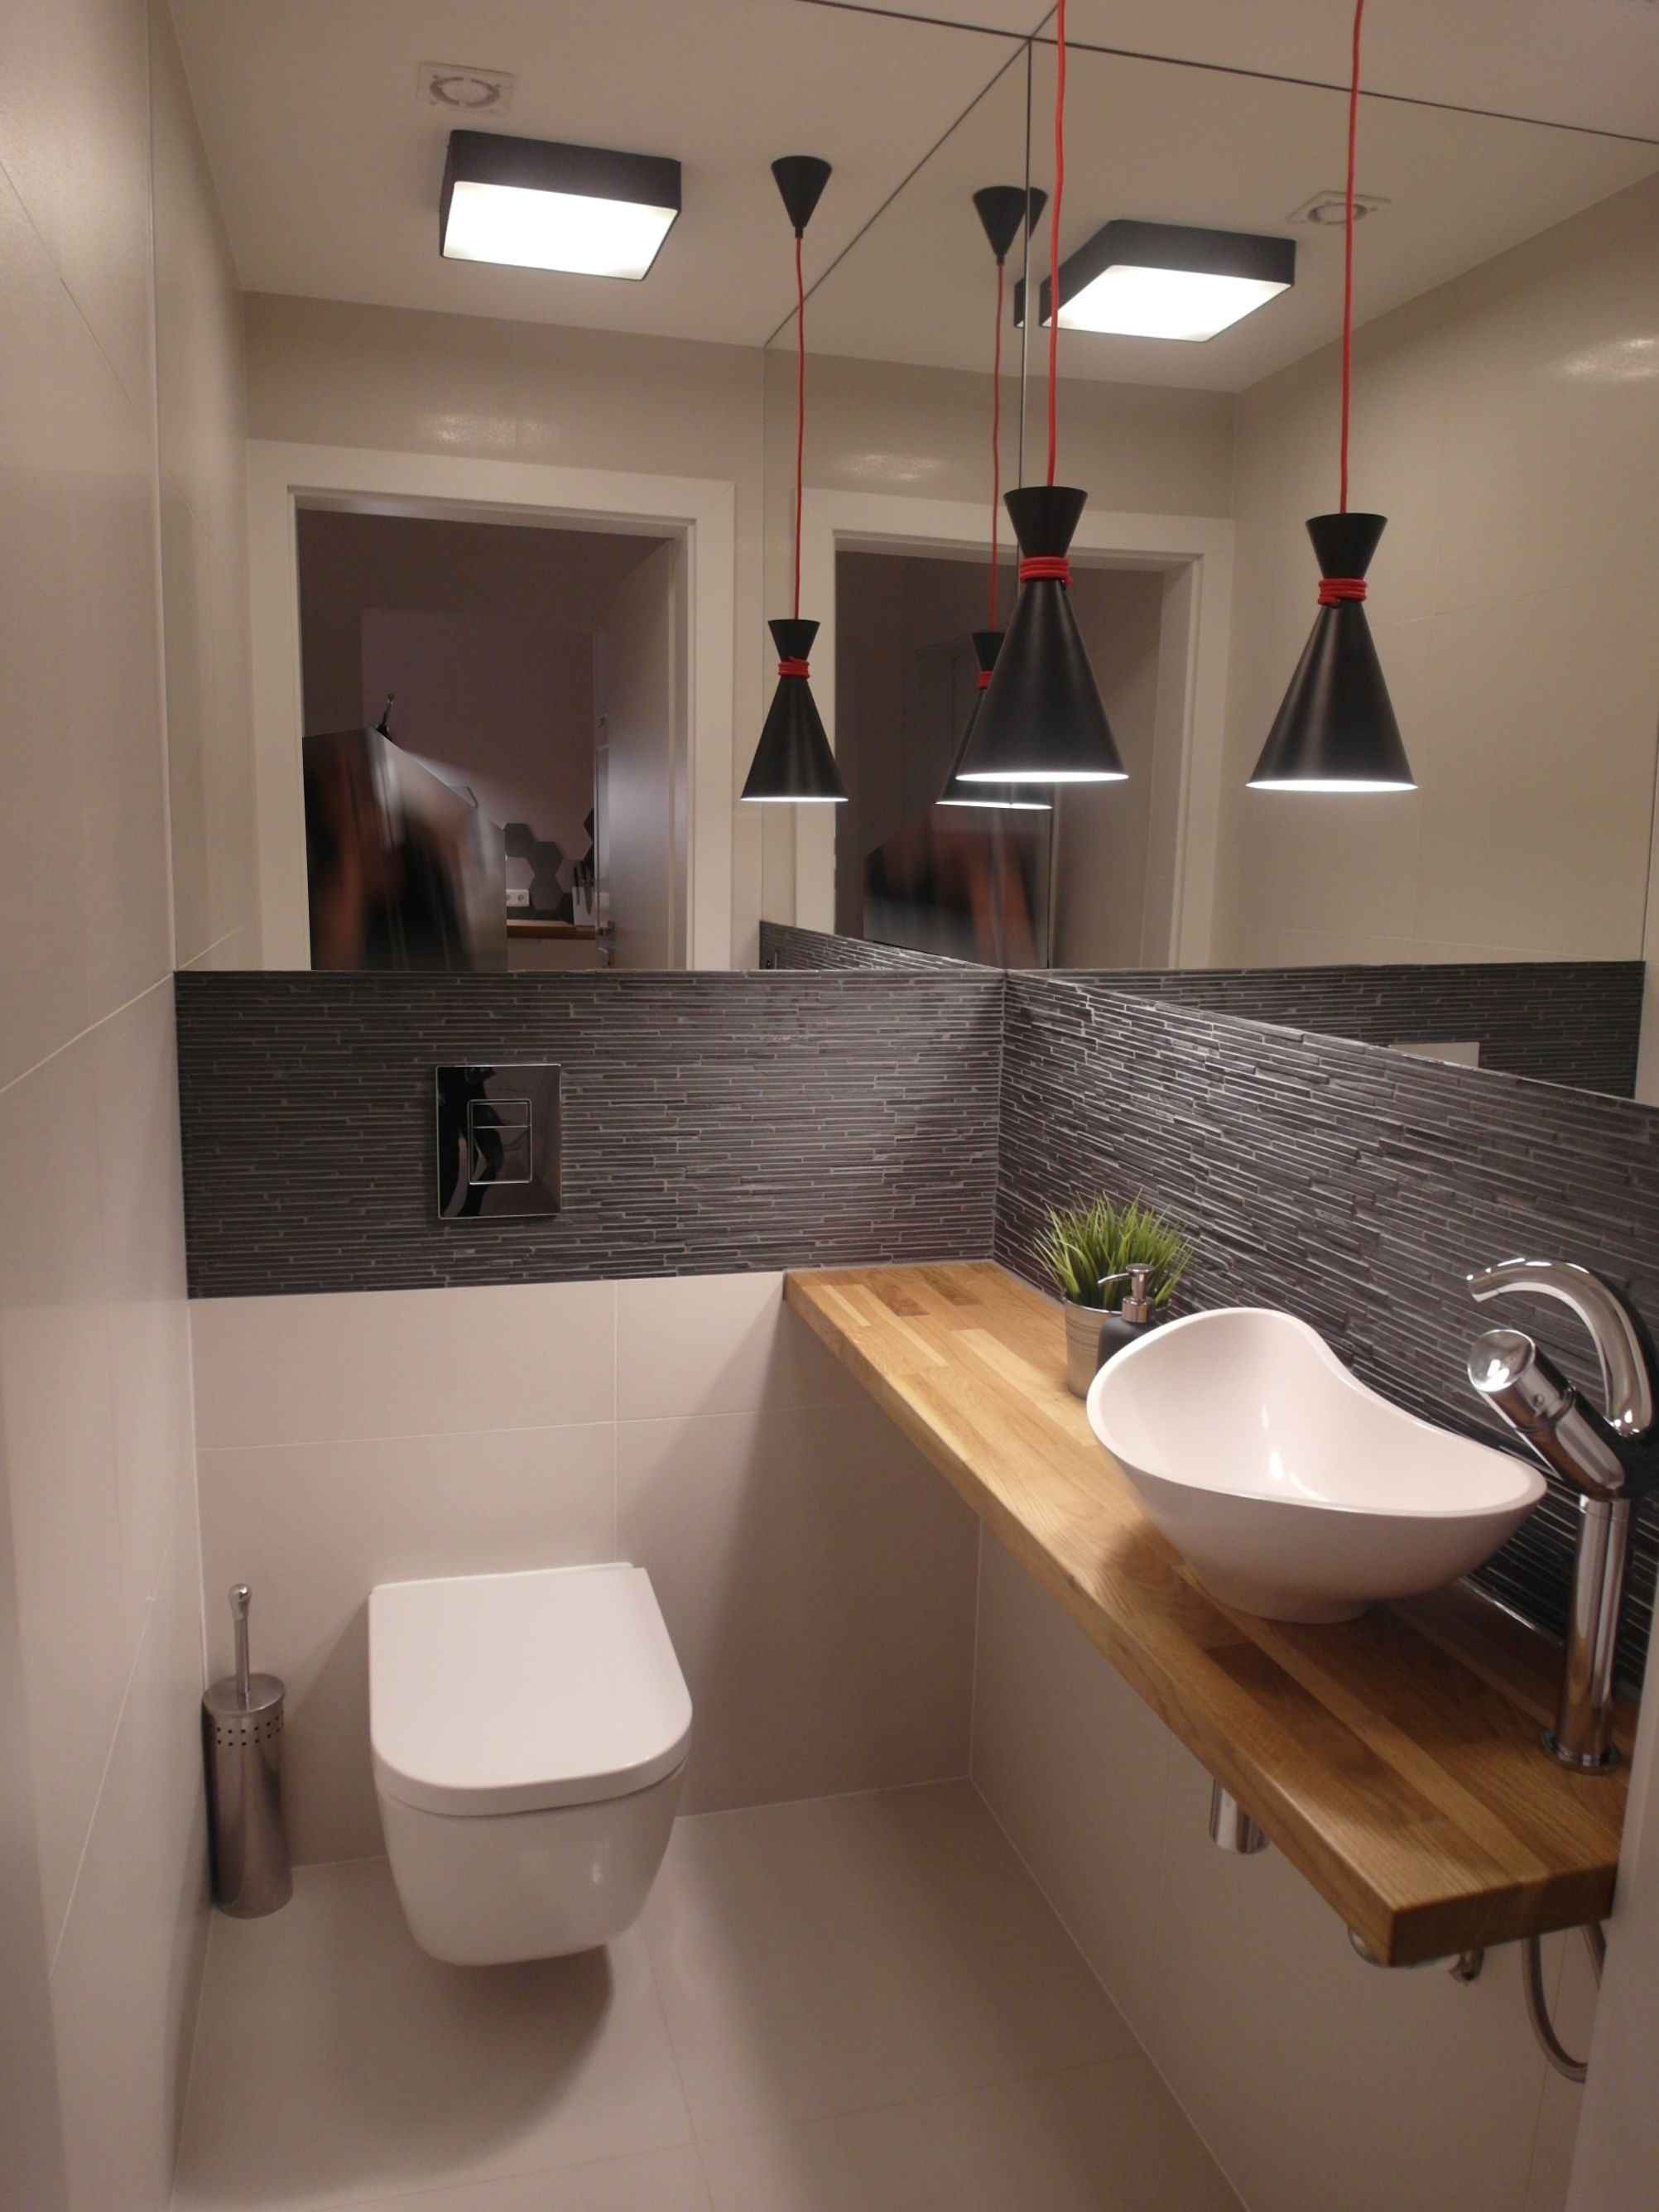 Moderne zen badezimmerideen bad gäste toilette modern wohnen hausbau  interior design